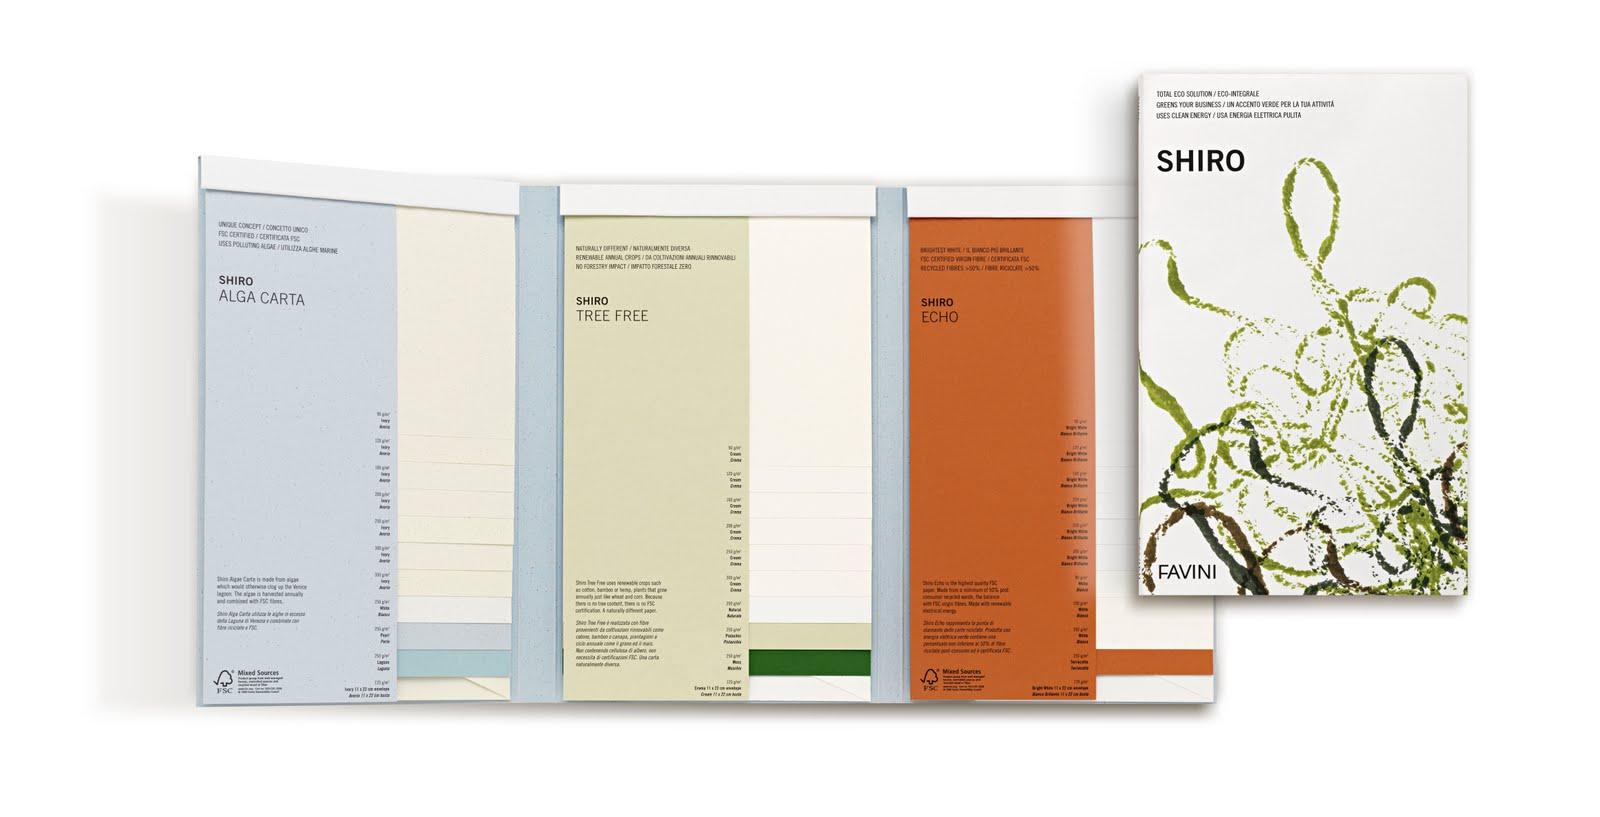 http://3.bp.blogspot.com/_lMPkzQW_ehY/TECCdO8QNgI/AAAAAAAAB2o/YFDcYNeis3w/s1600/Shiro+inside.jpg